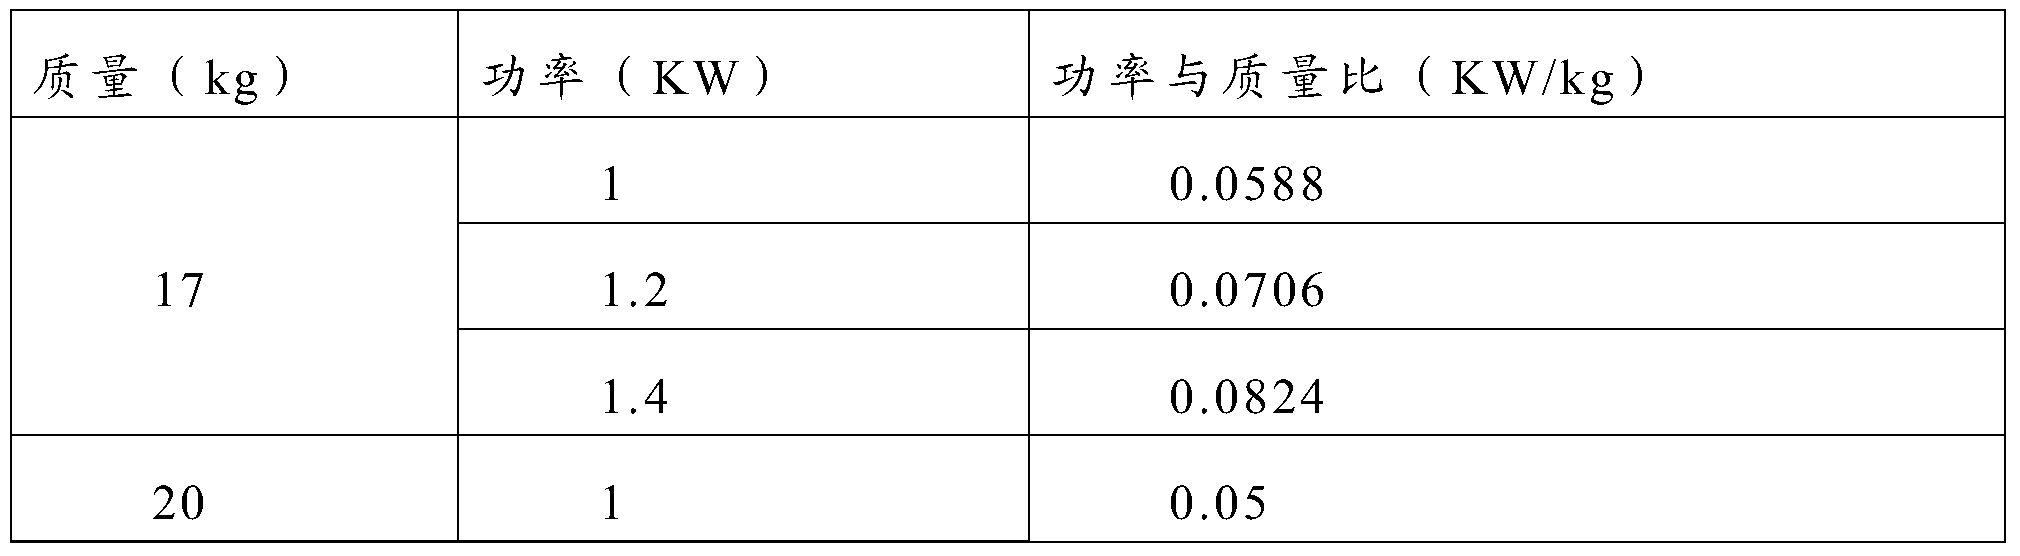 Figure PCTCN2016110421-appb-000005